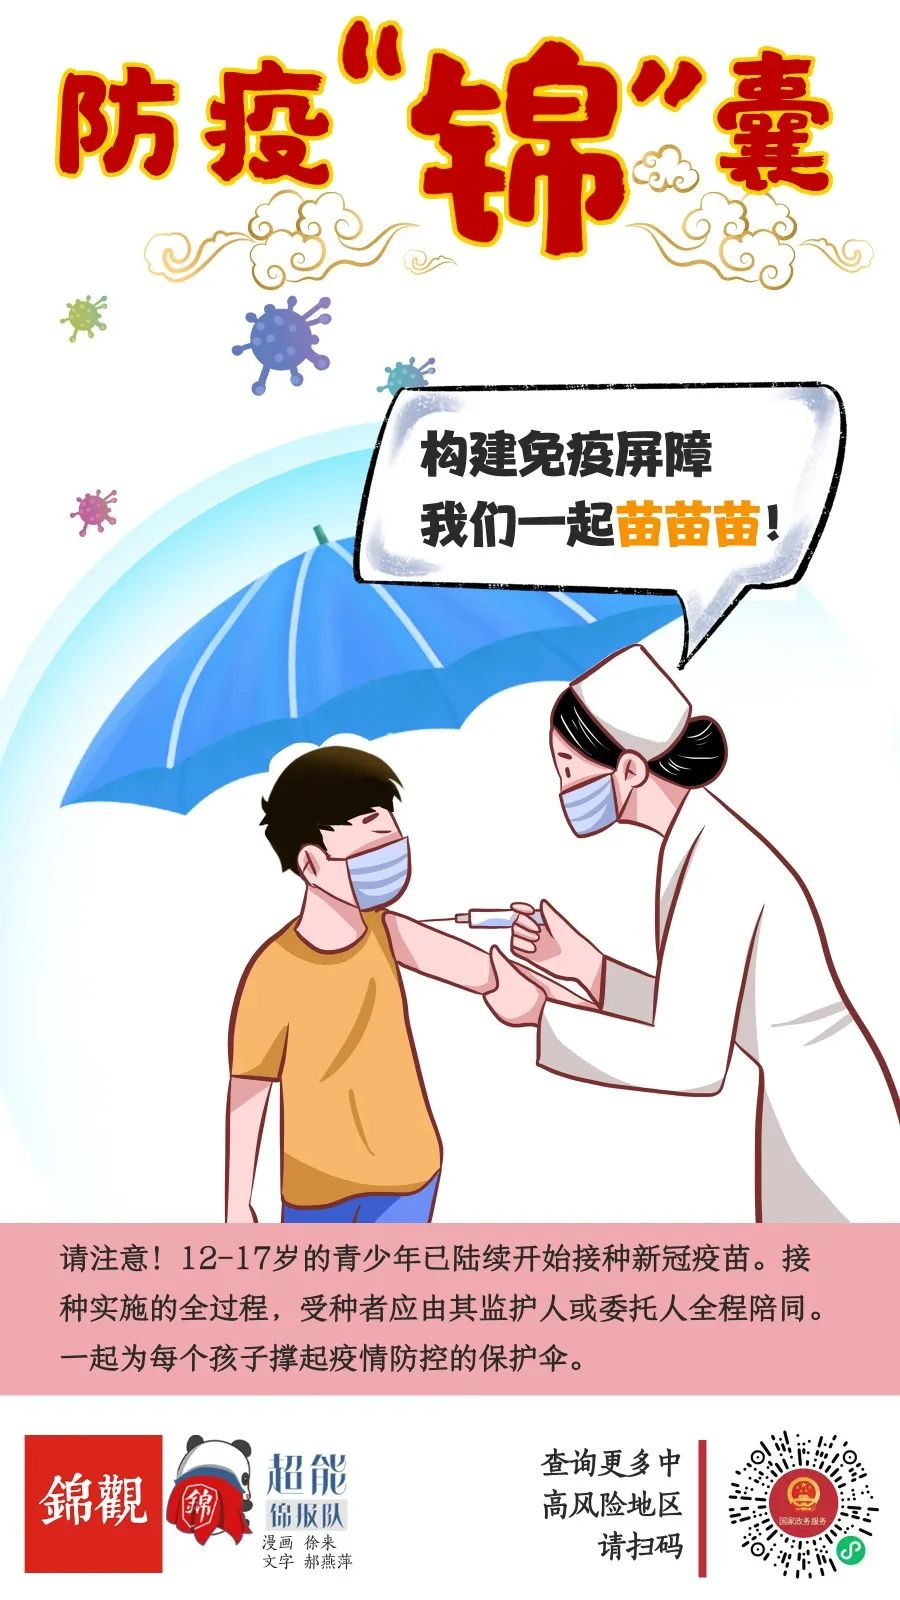 四川省累计接种新冠病毒疫苗突破1亿剂次